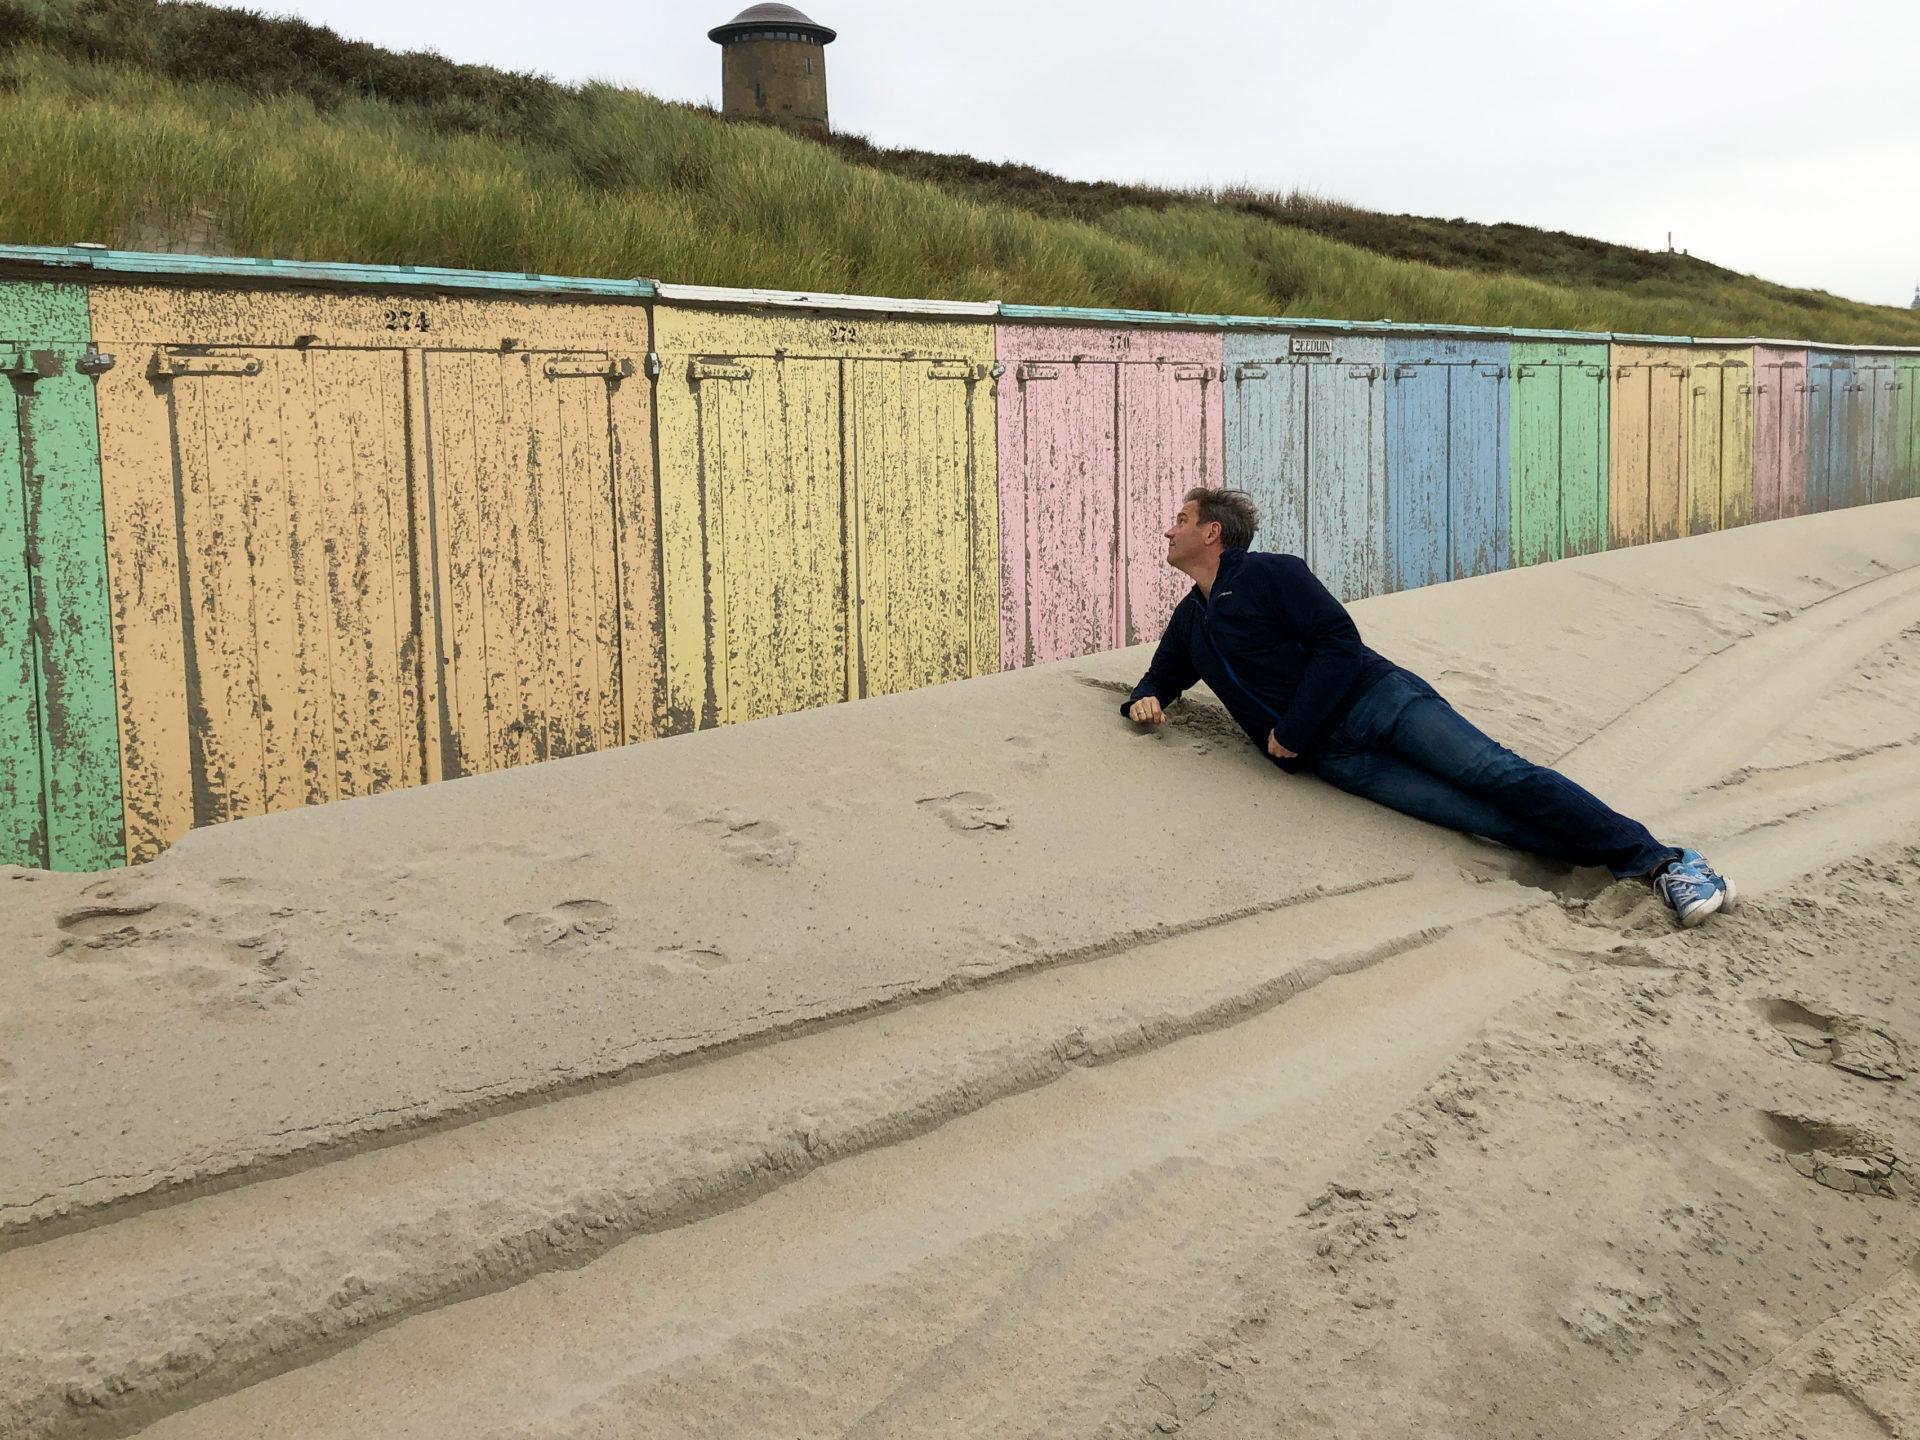 Autor Ralf Johnen vor bunten Strandhäuschen in Domburg in Zeeland